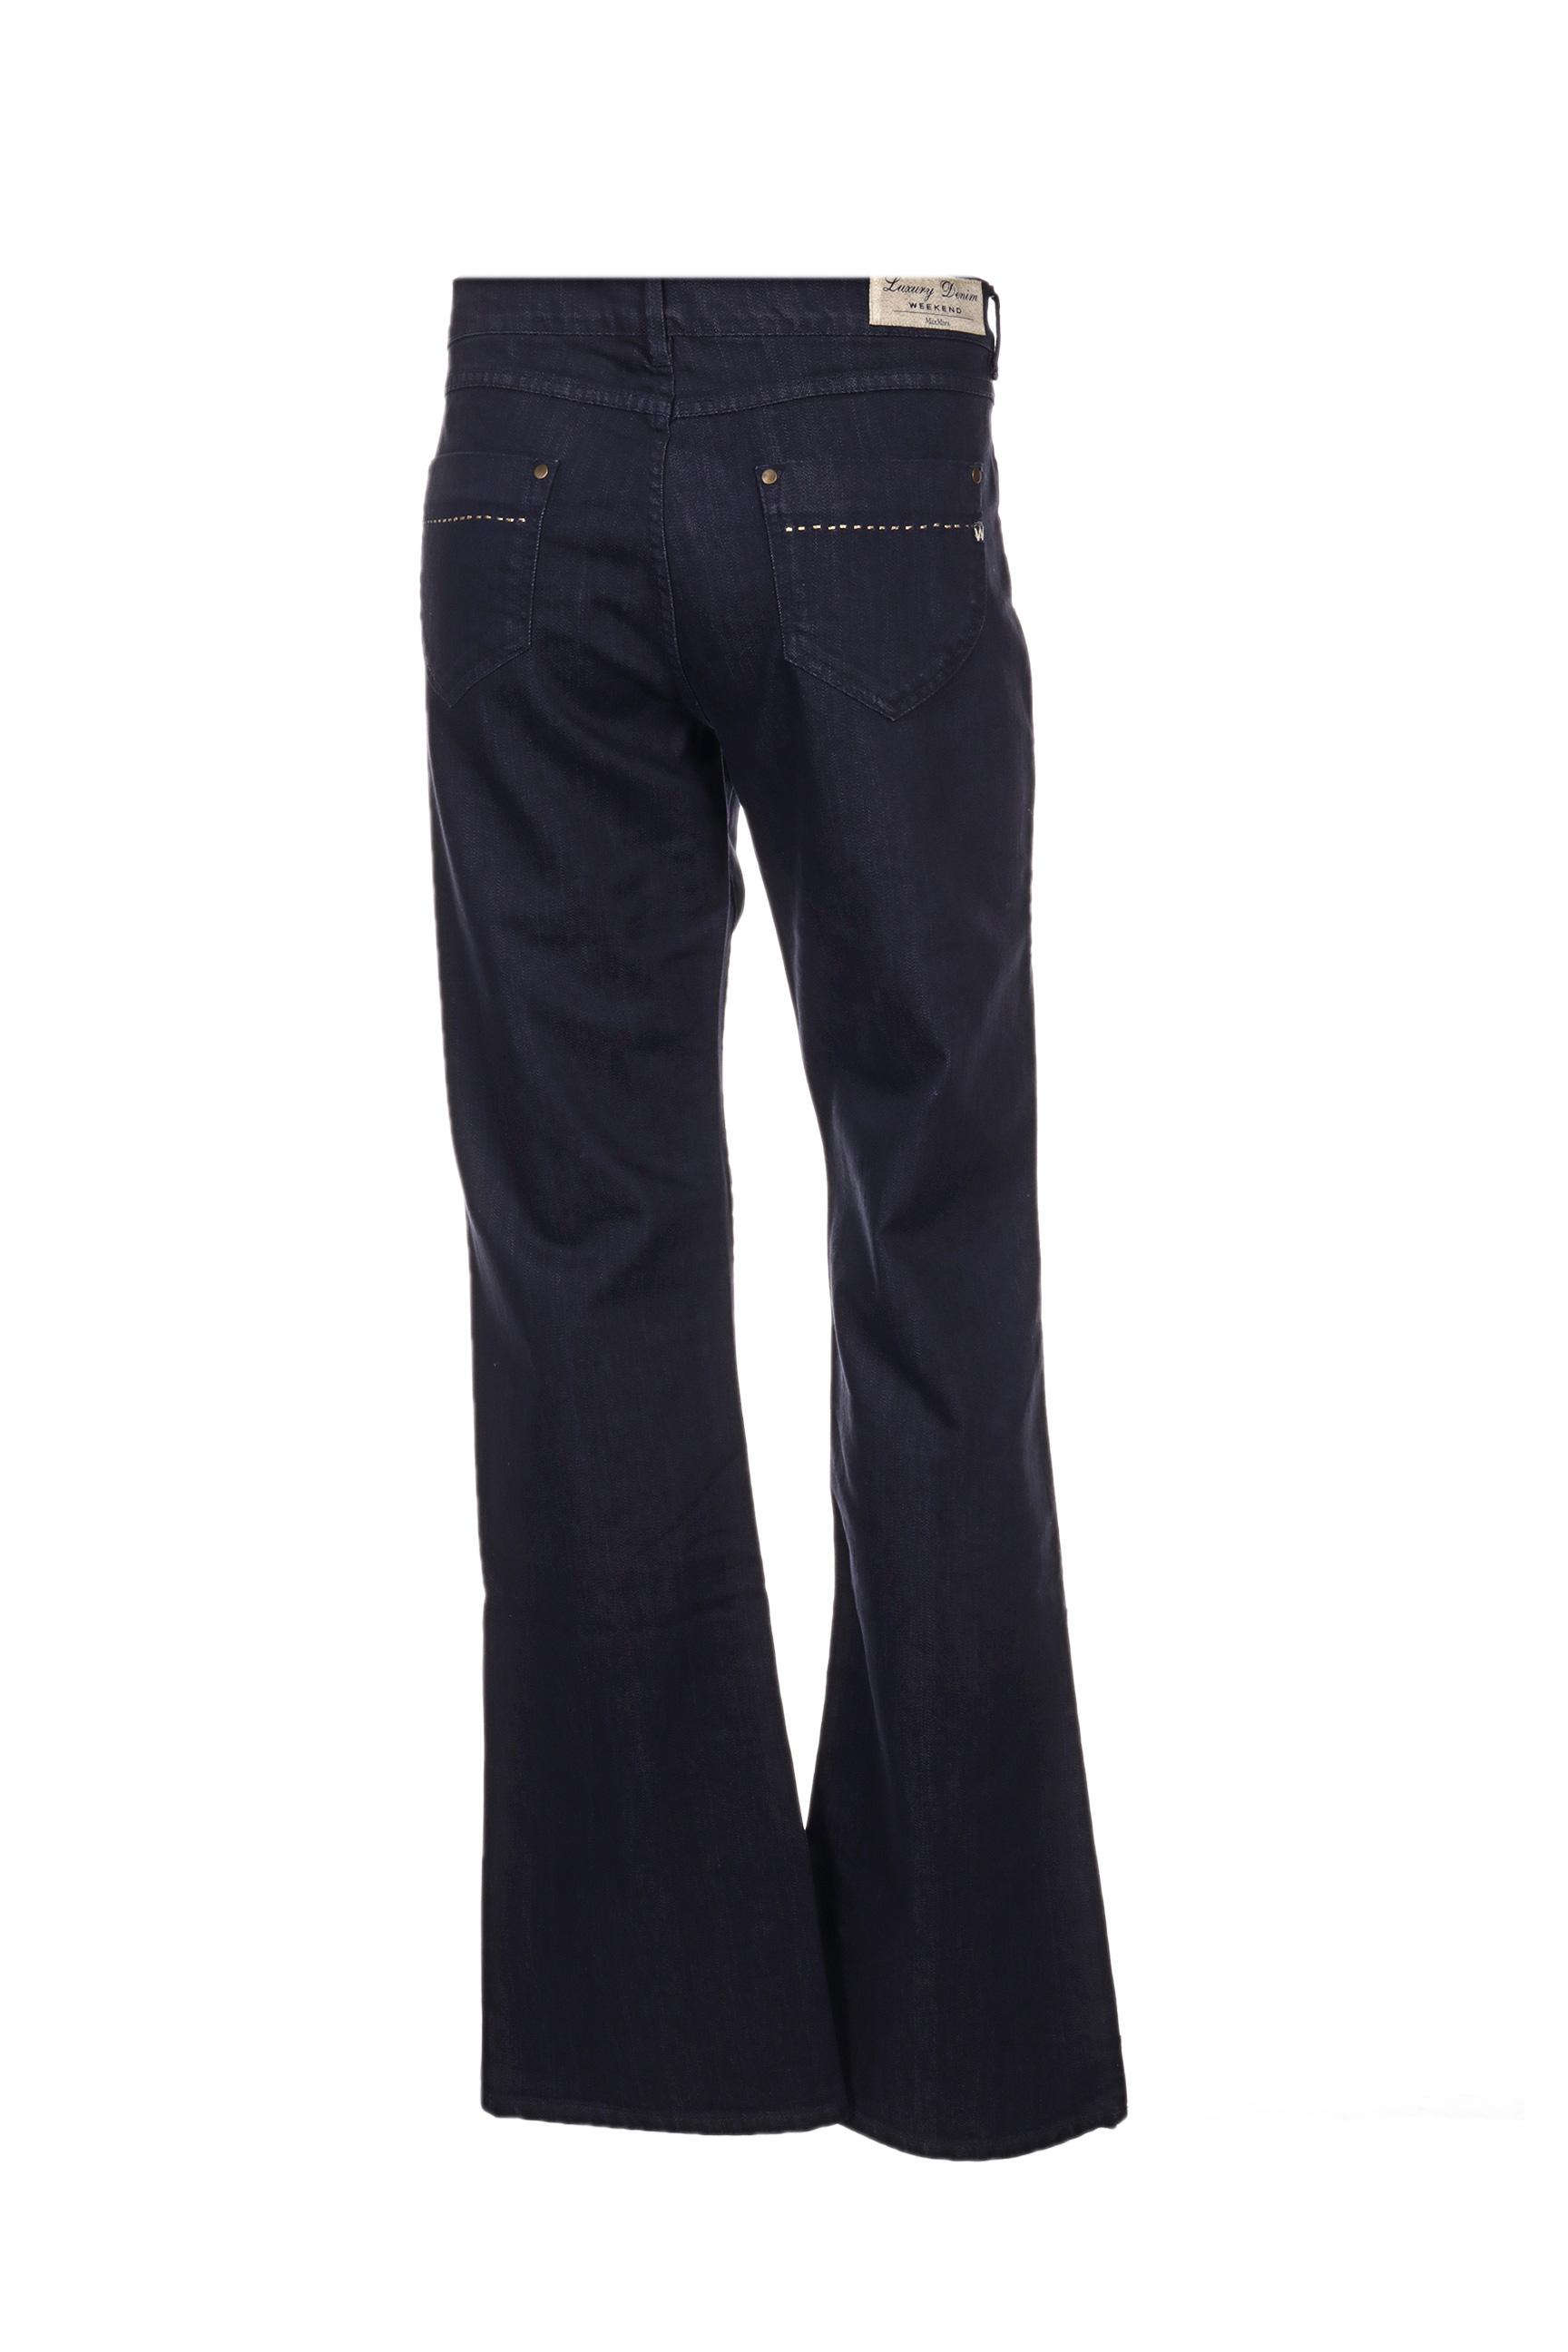 Weekend Maxmara Pantalons Decontractes Femme De Couleur Bleu En Soldes Pas Cher 1276447-bleu00